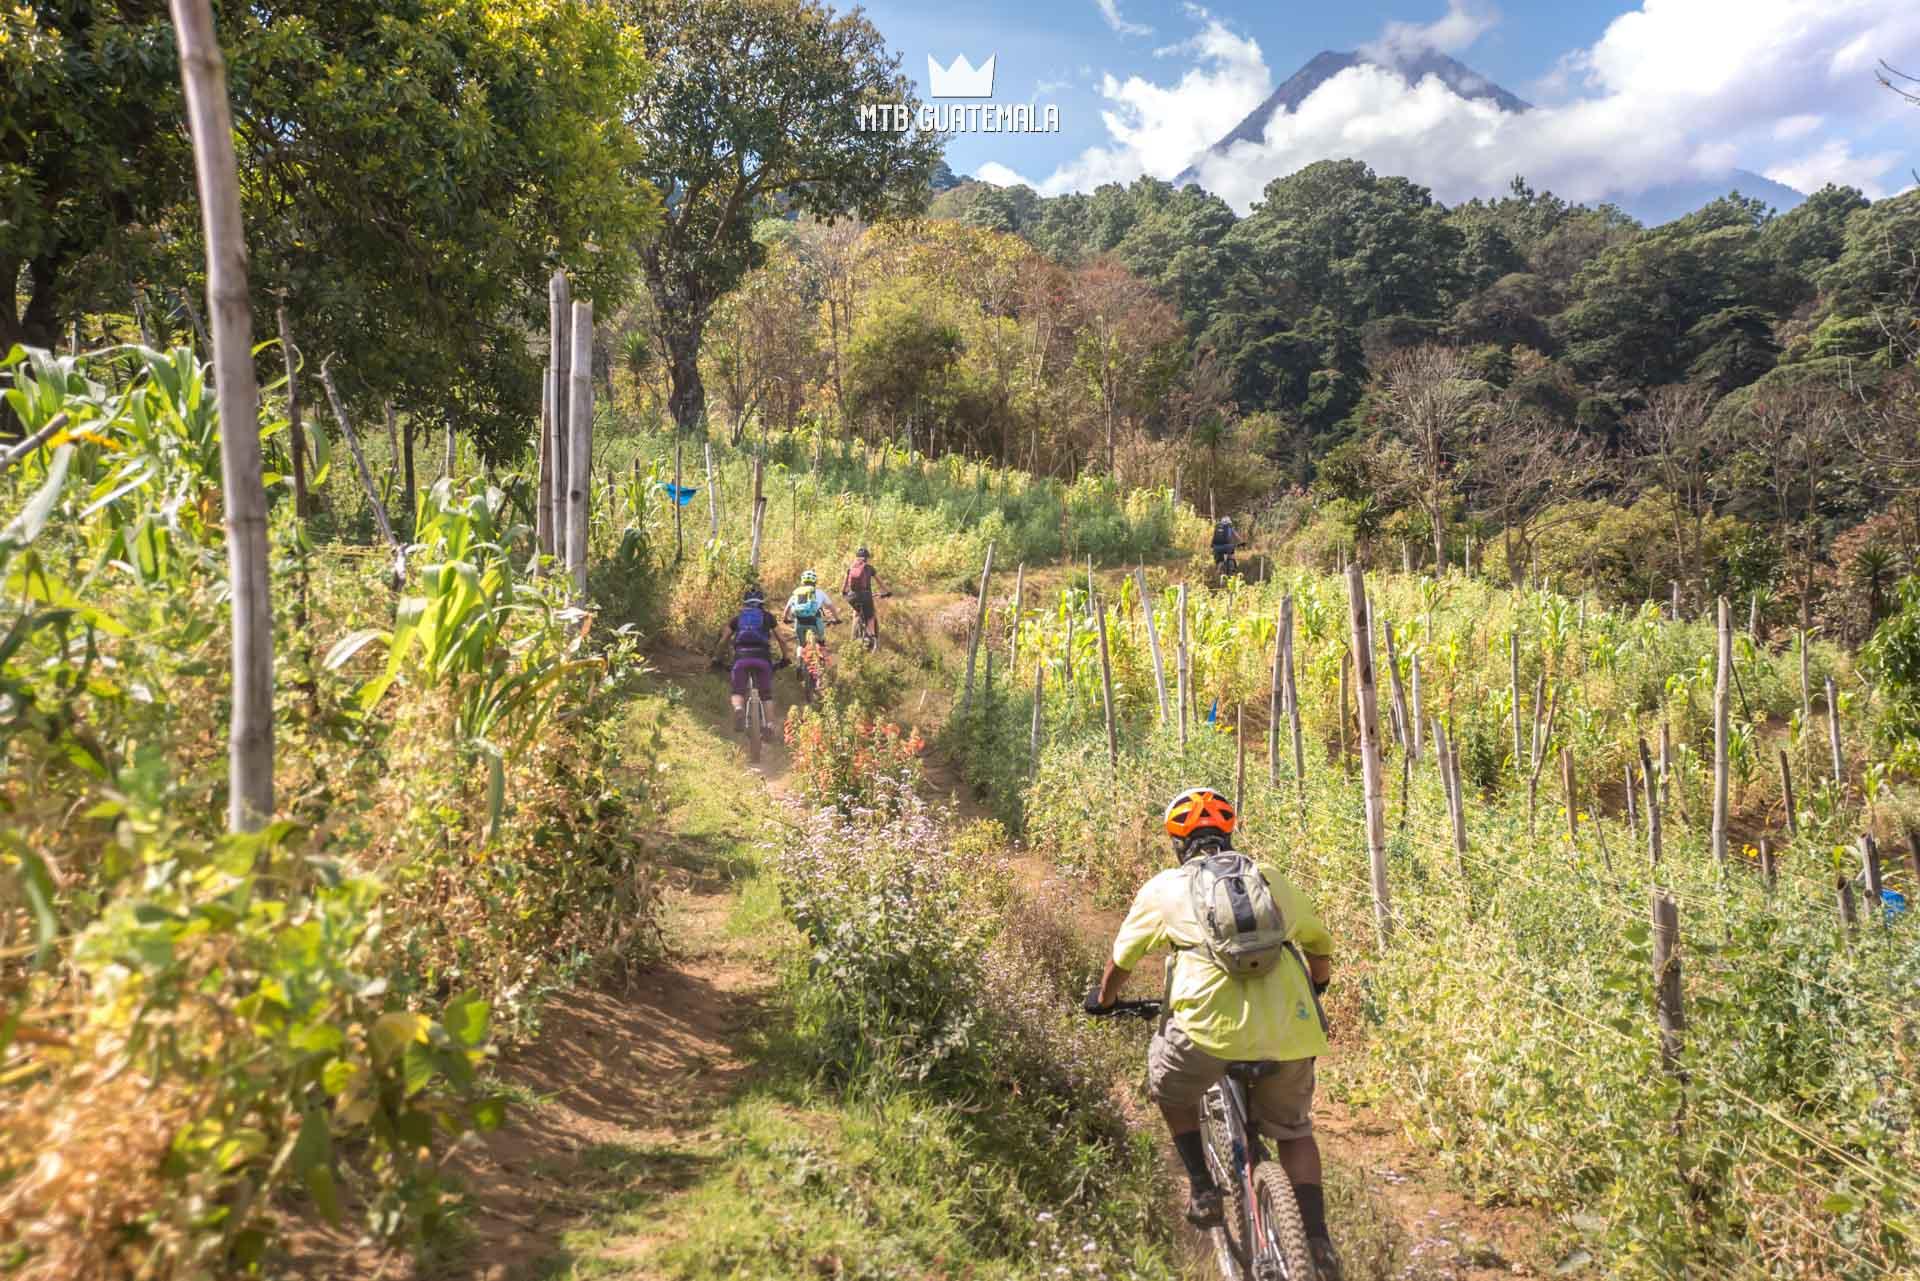 BIGMTN-180219-053-G85.dng - Florencia Mountain Bike Tour Antigua Guatemala